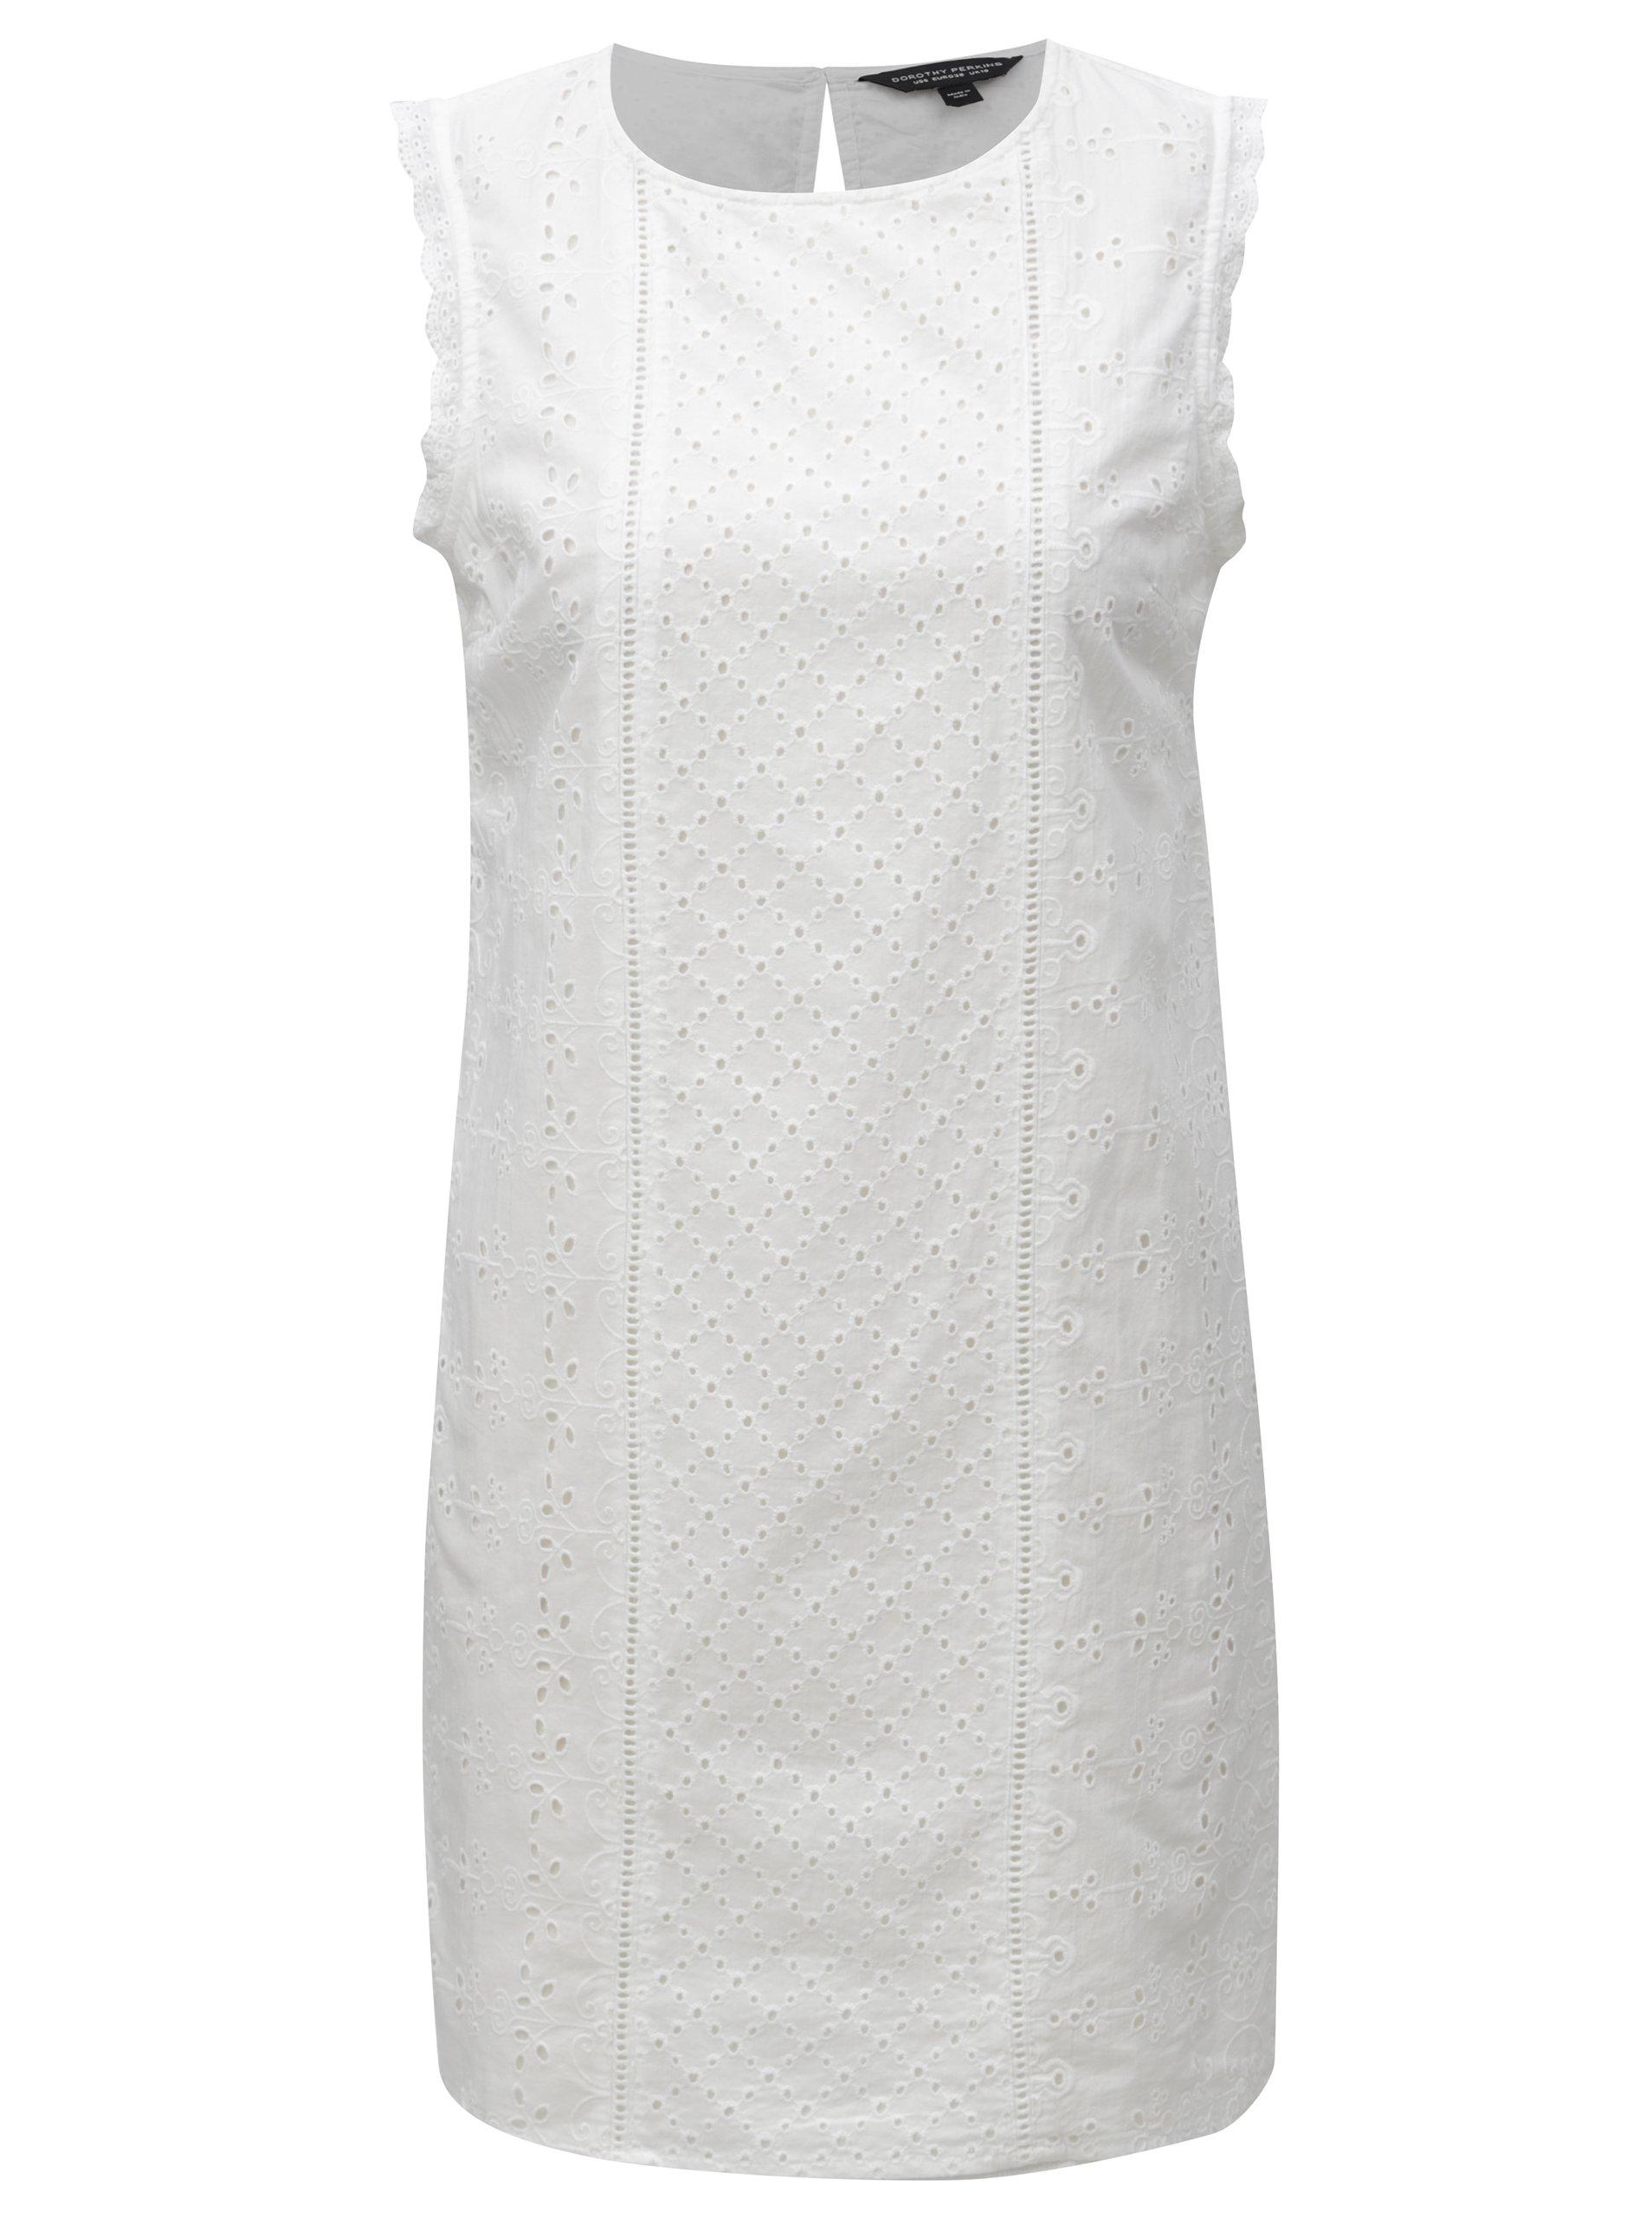 9522e538fda3 Biele čipkované šaty Dorothy Perkins